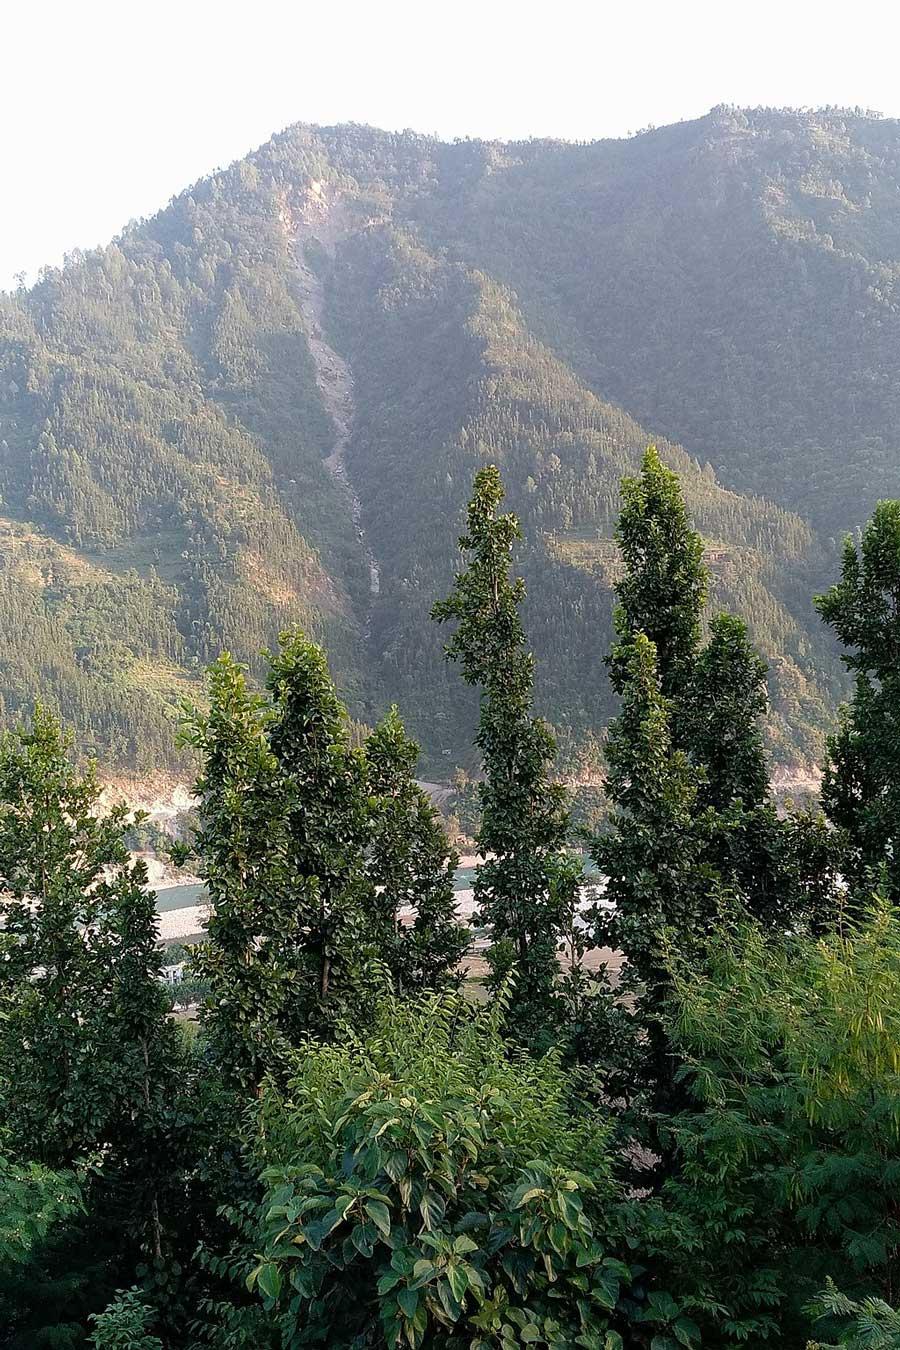 Paysage de la région de Jajarkot, au Népal, photos de Binod Basnet